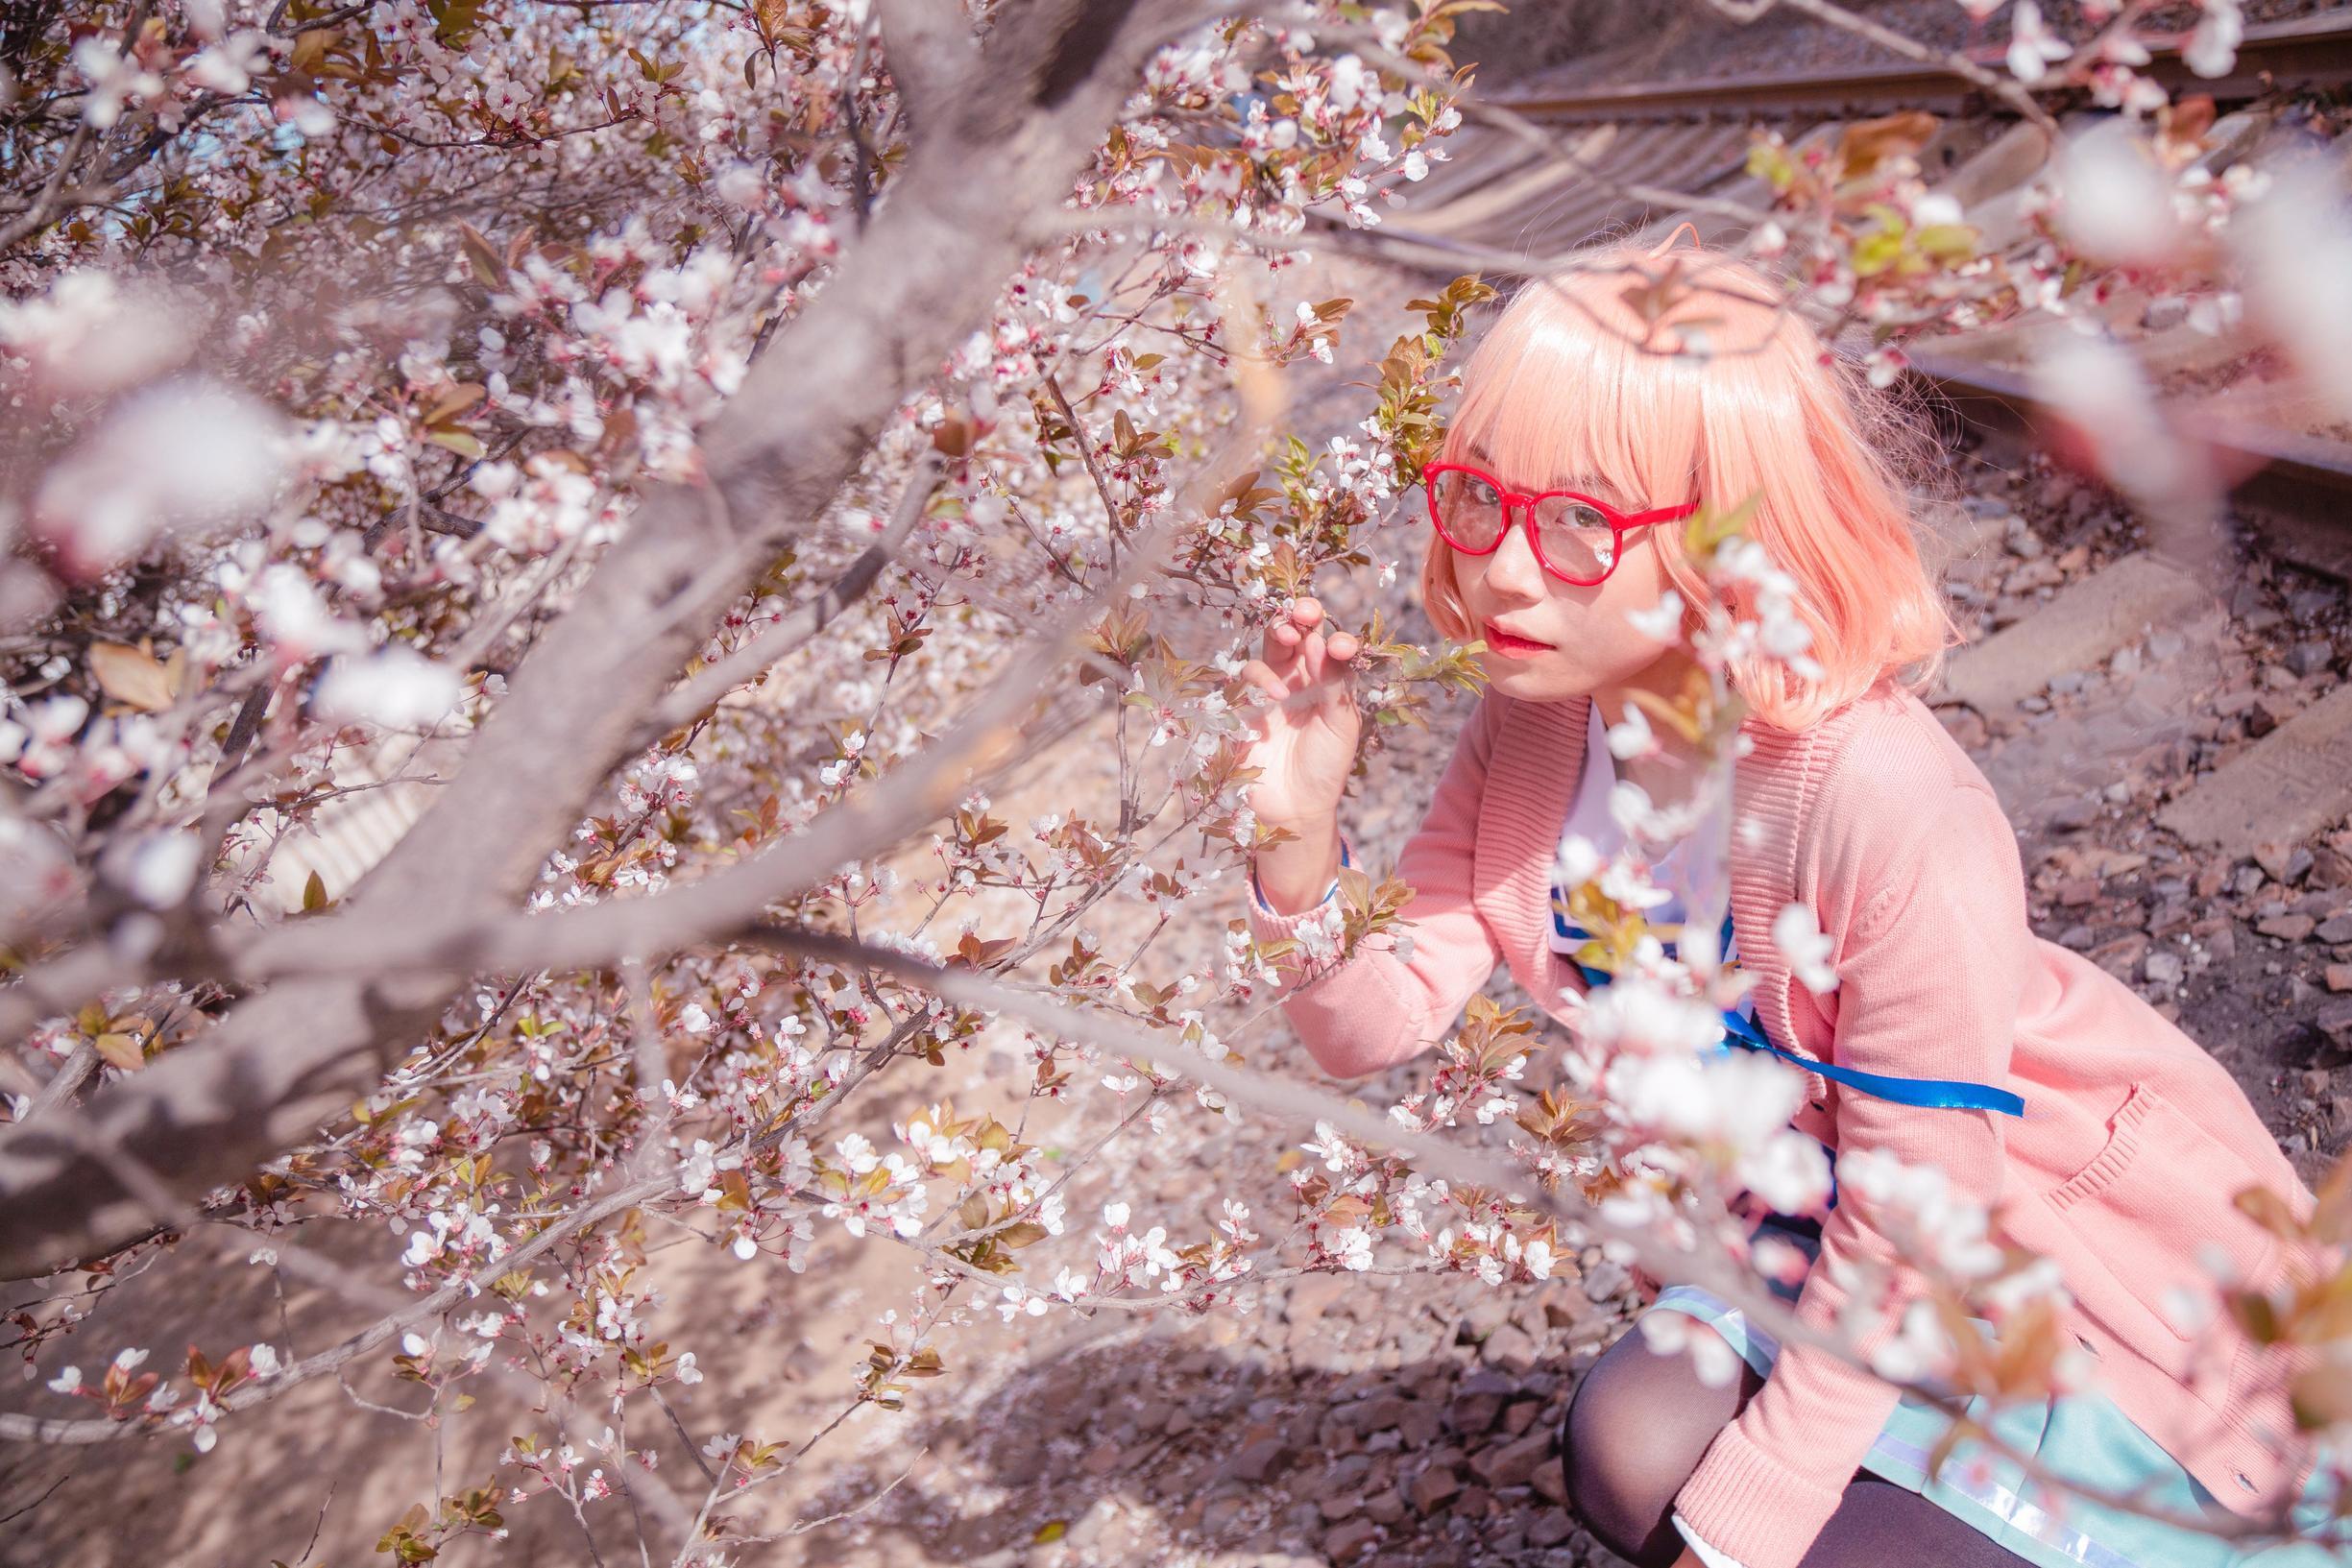 《境界的彼方》正片cosplay【CN:Kanna鹤见】-第5张